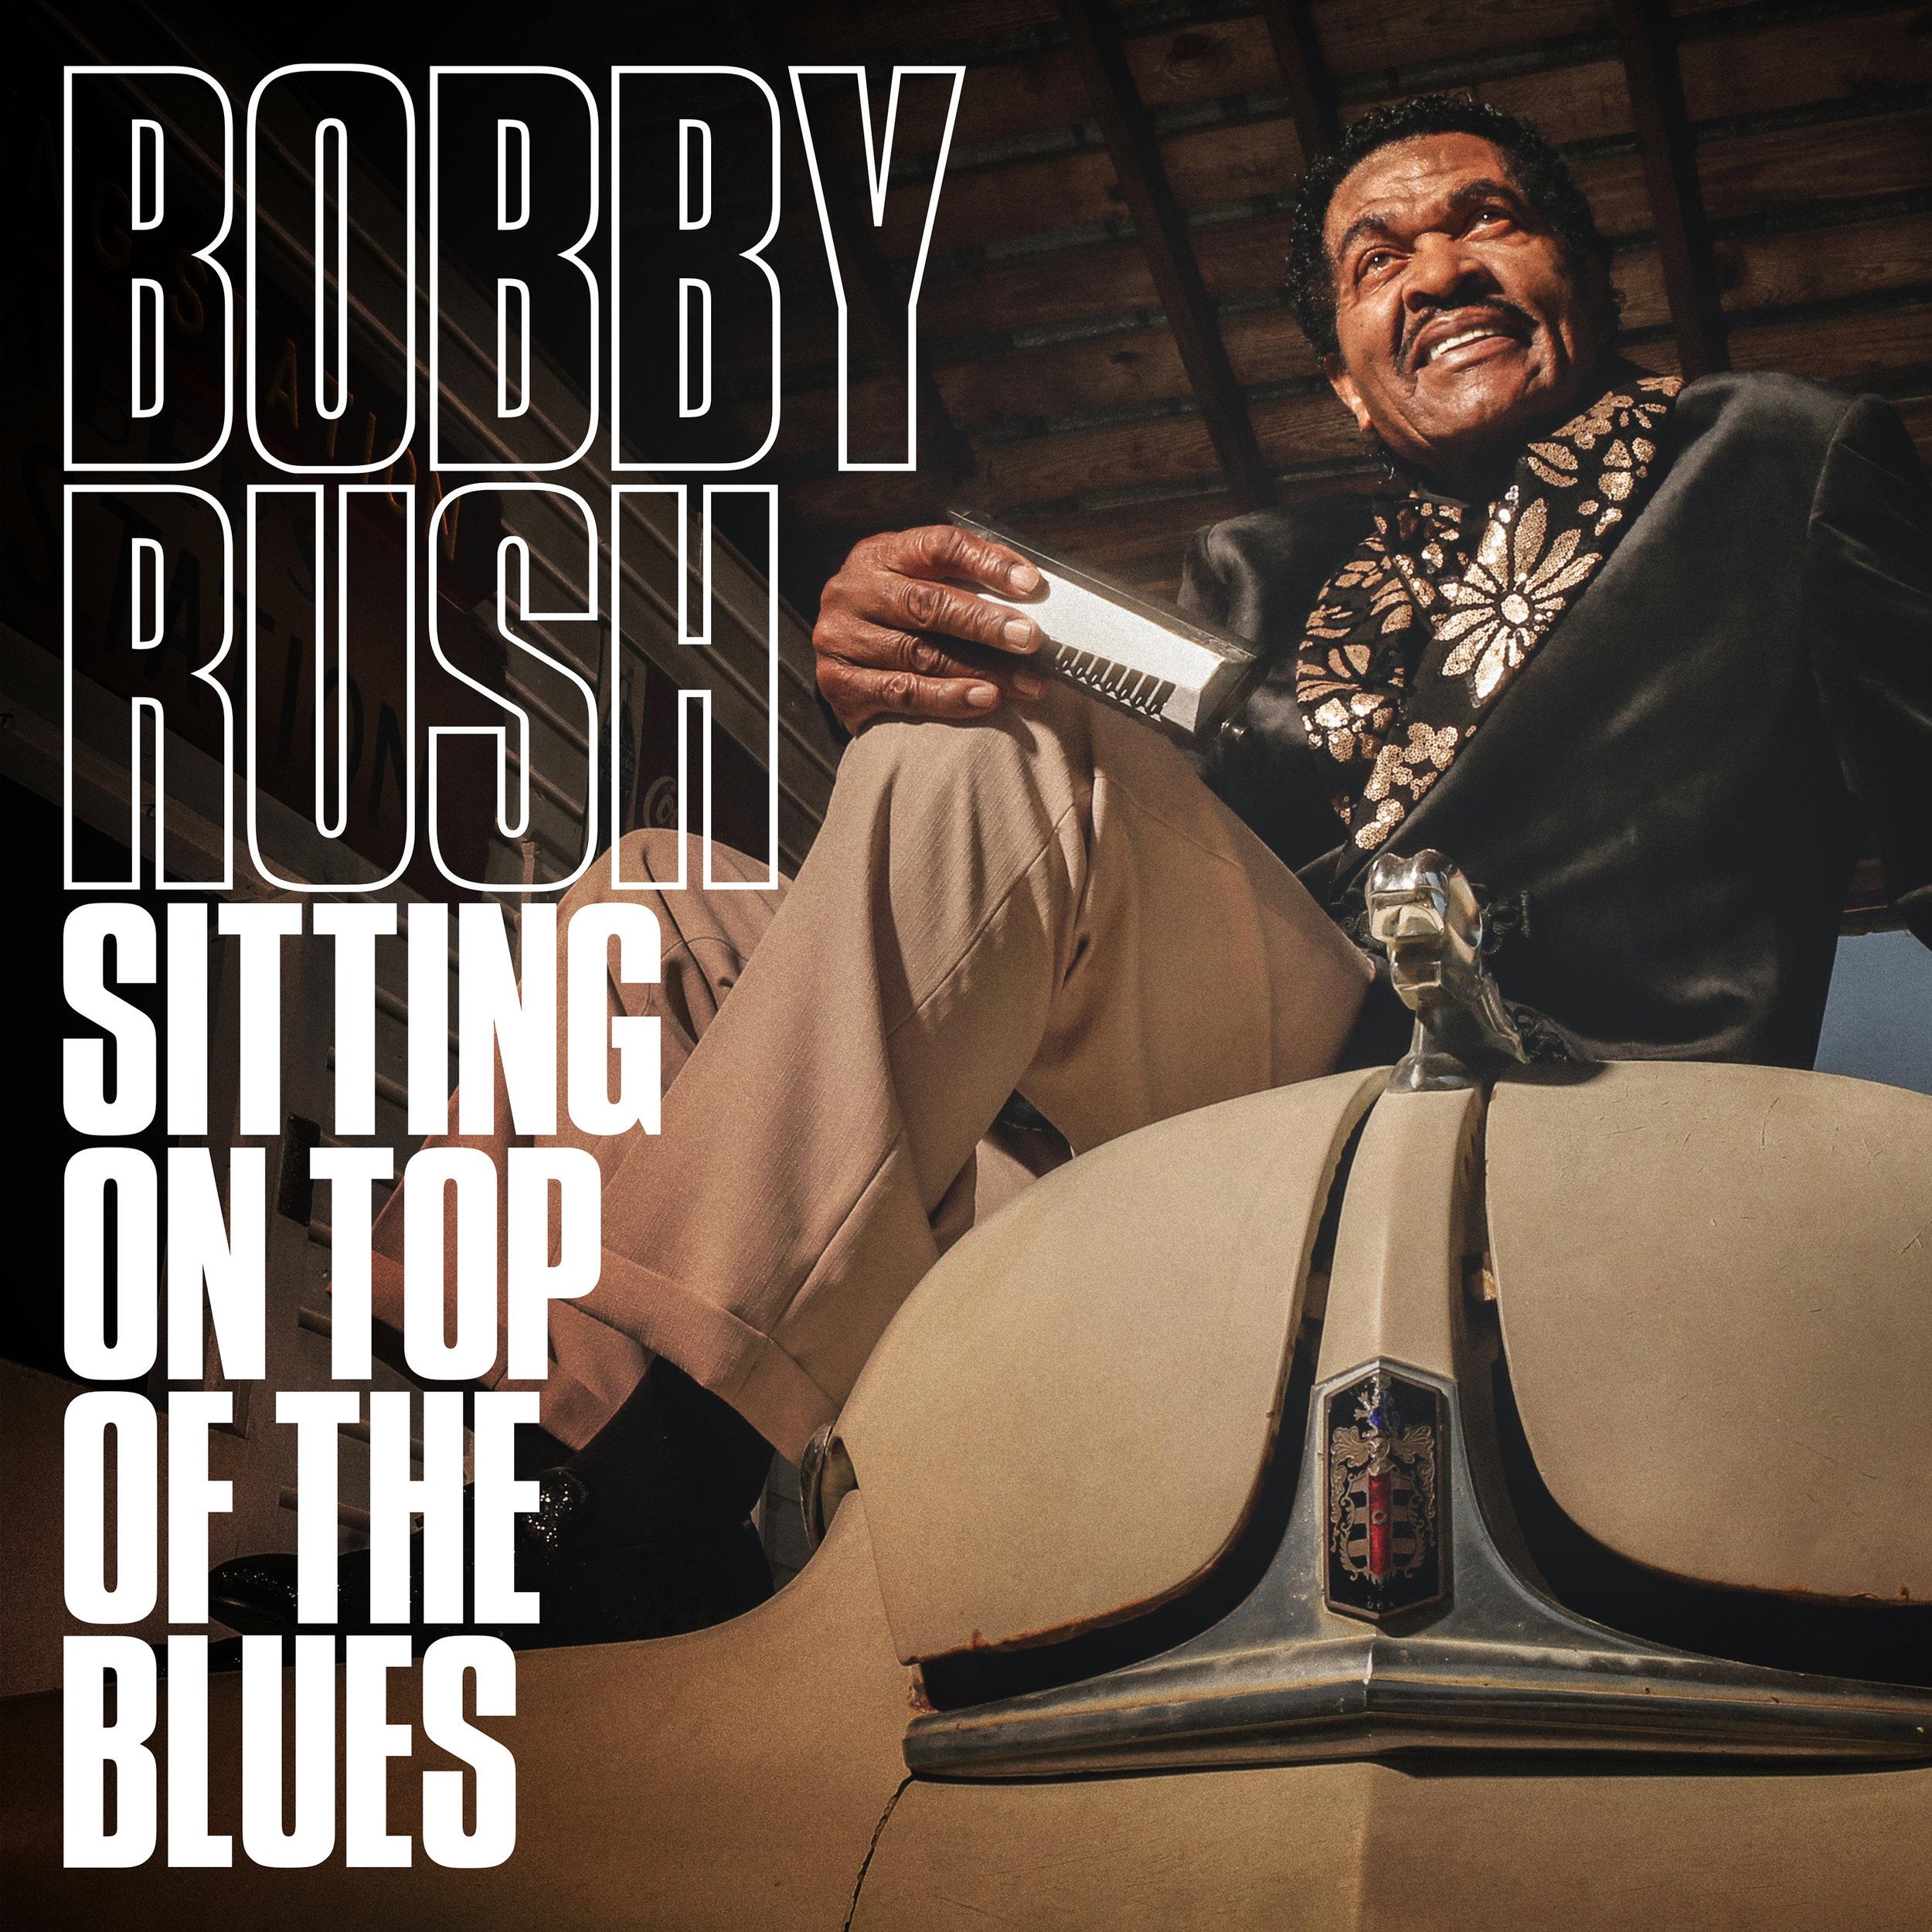 BobbyRush_Sitting_Cover3000px.jpg